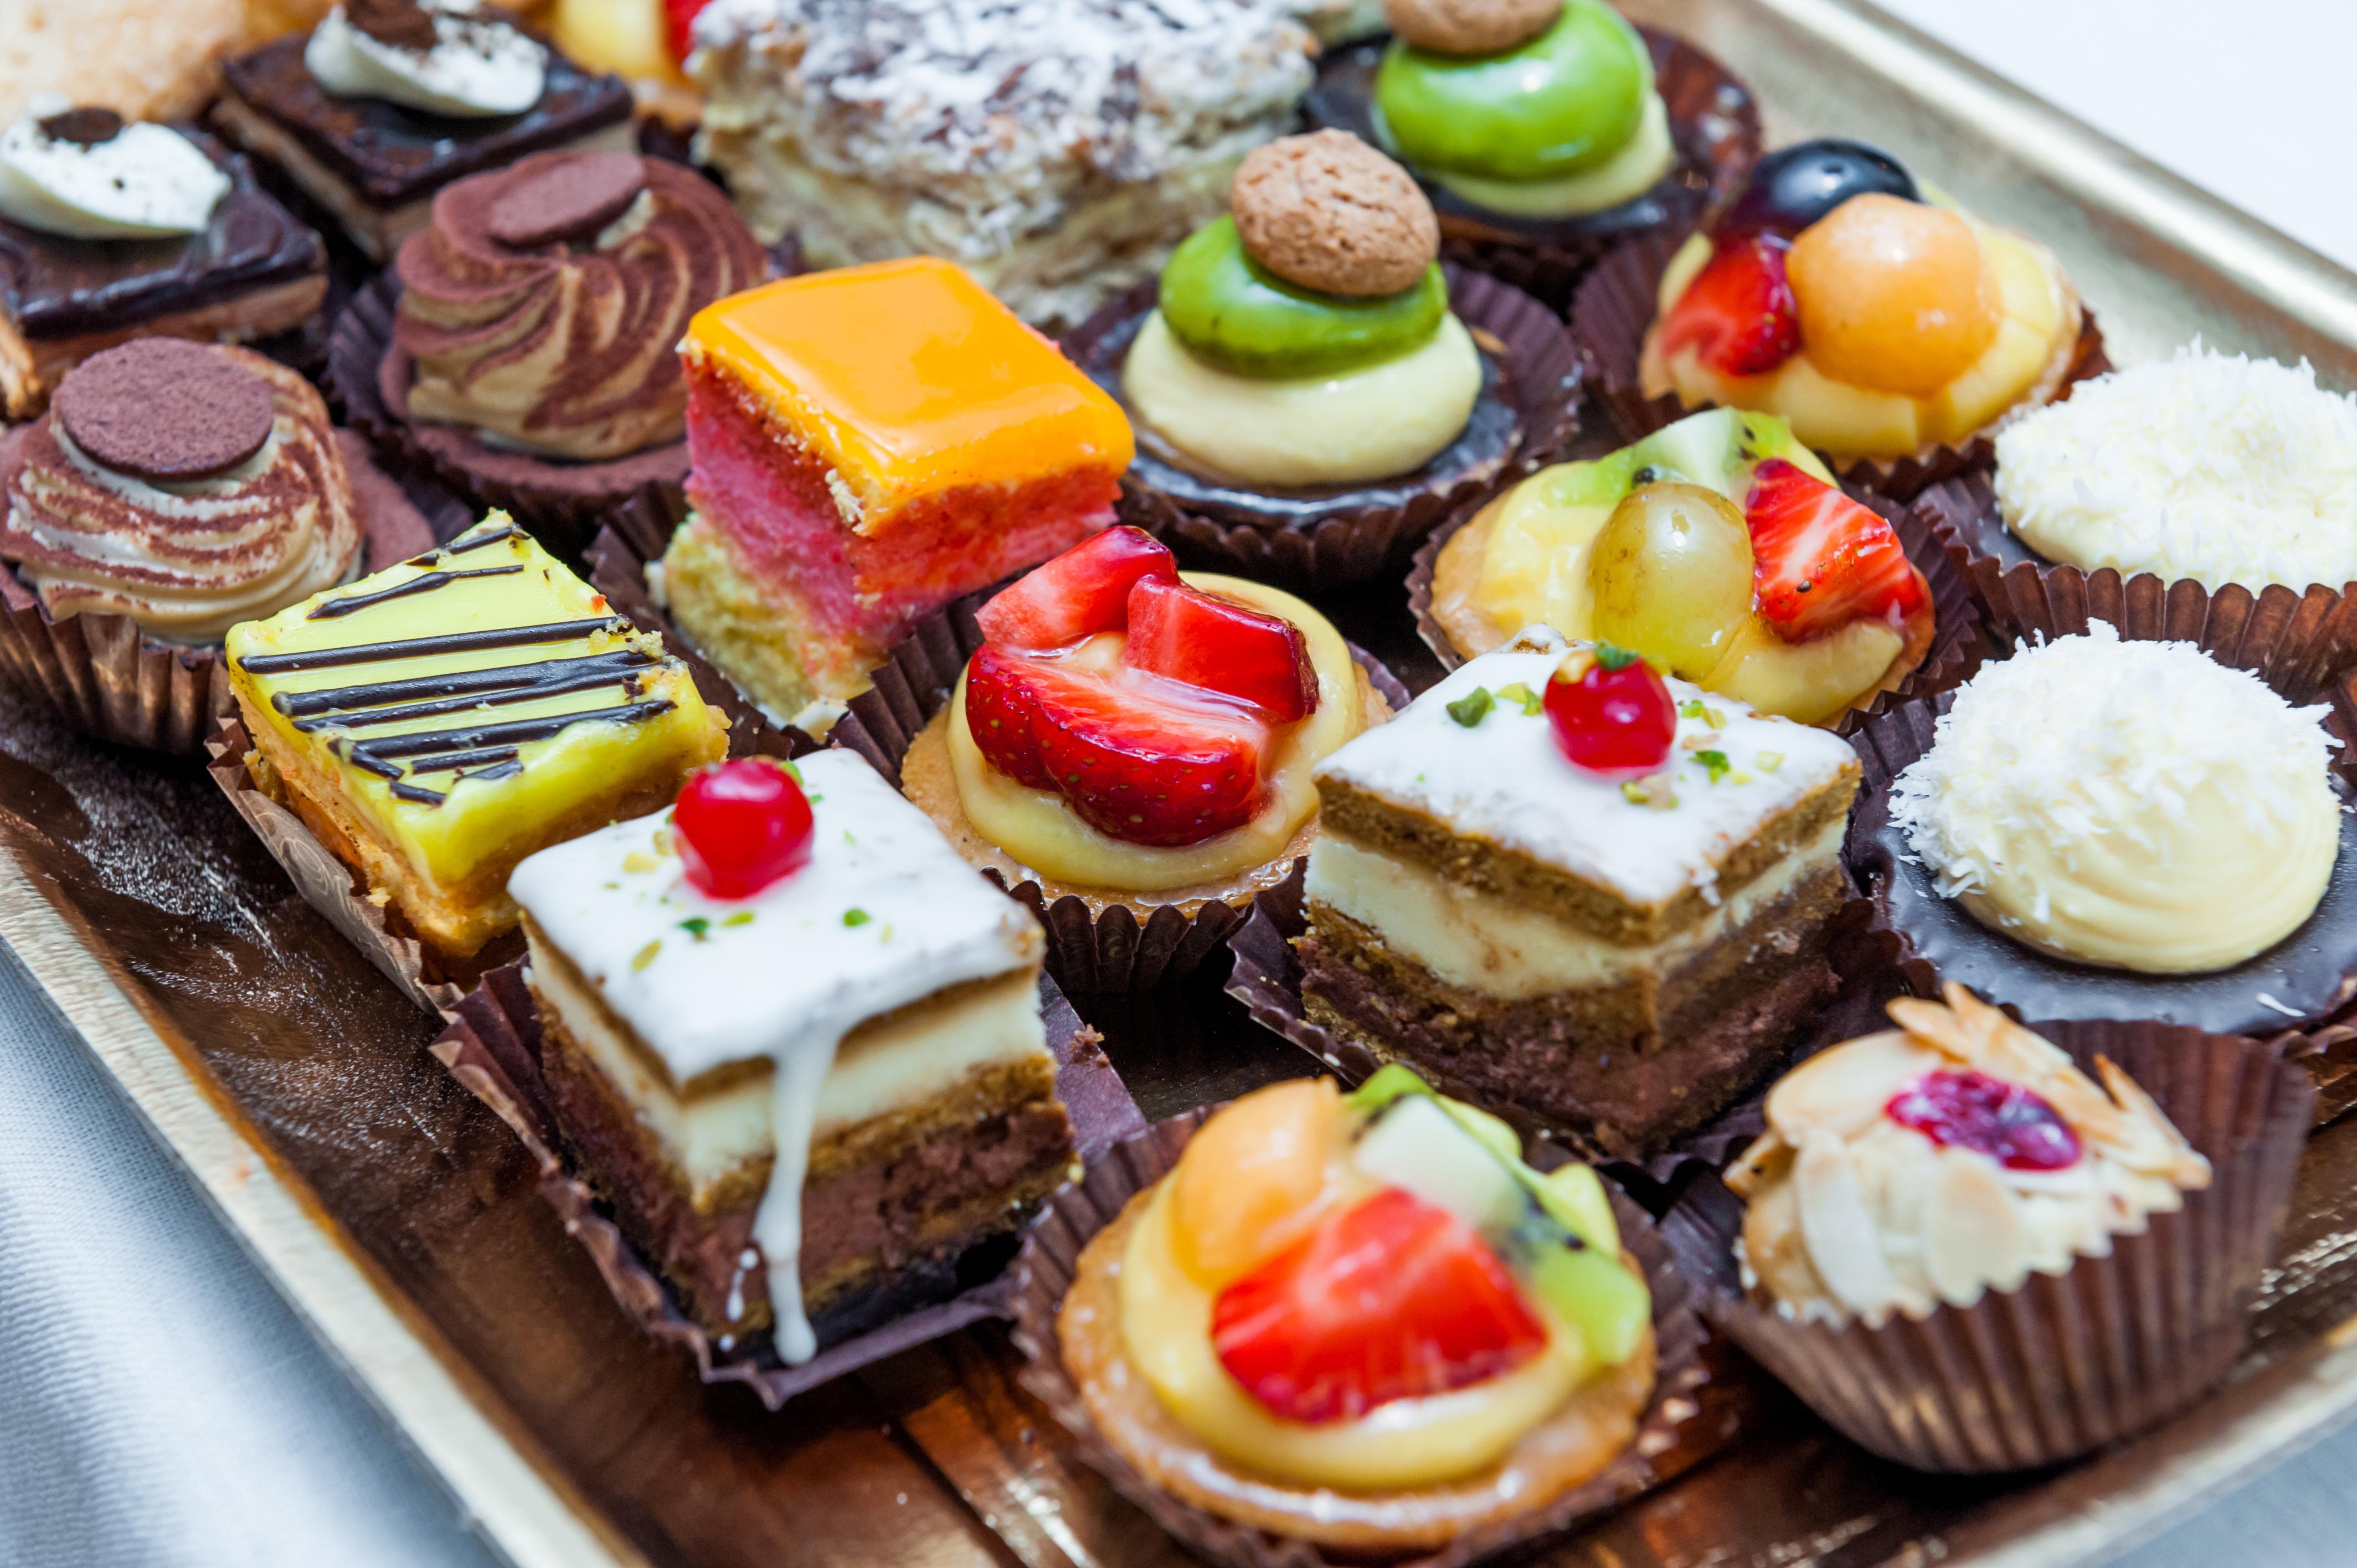 Сладкие десерты являются неотъемлемым элементом любого праздничного стола. Они не только придают чув